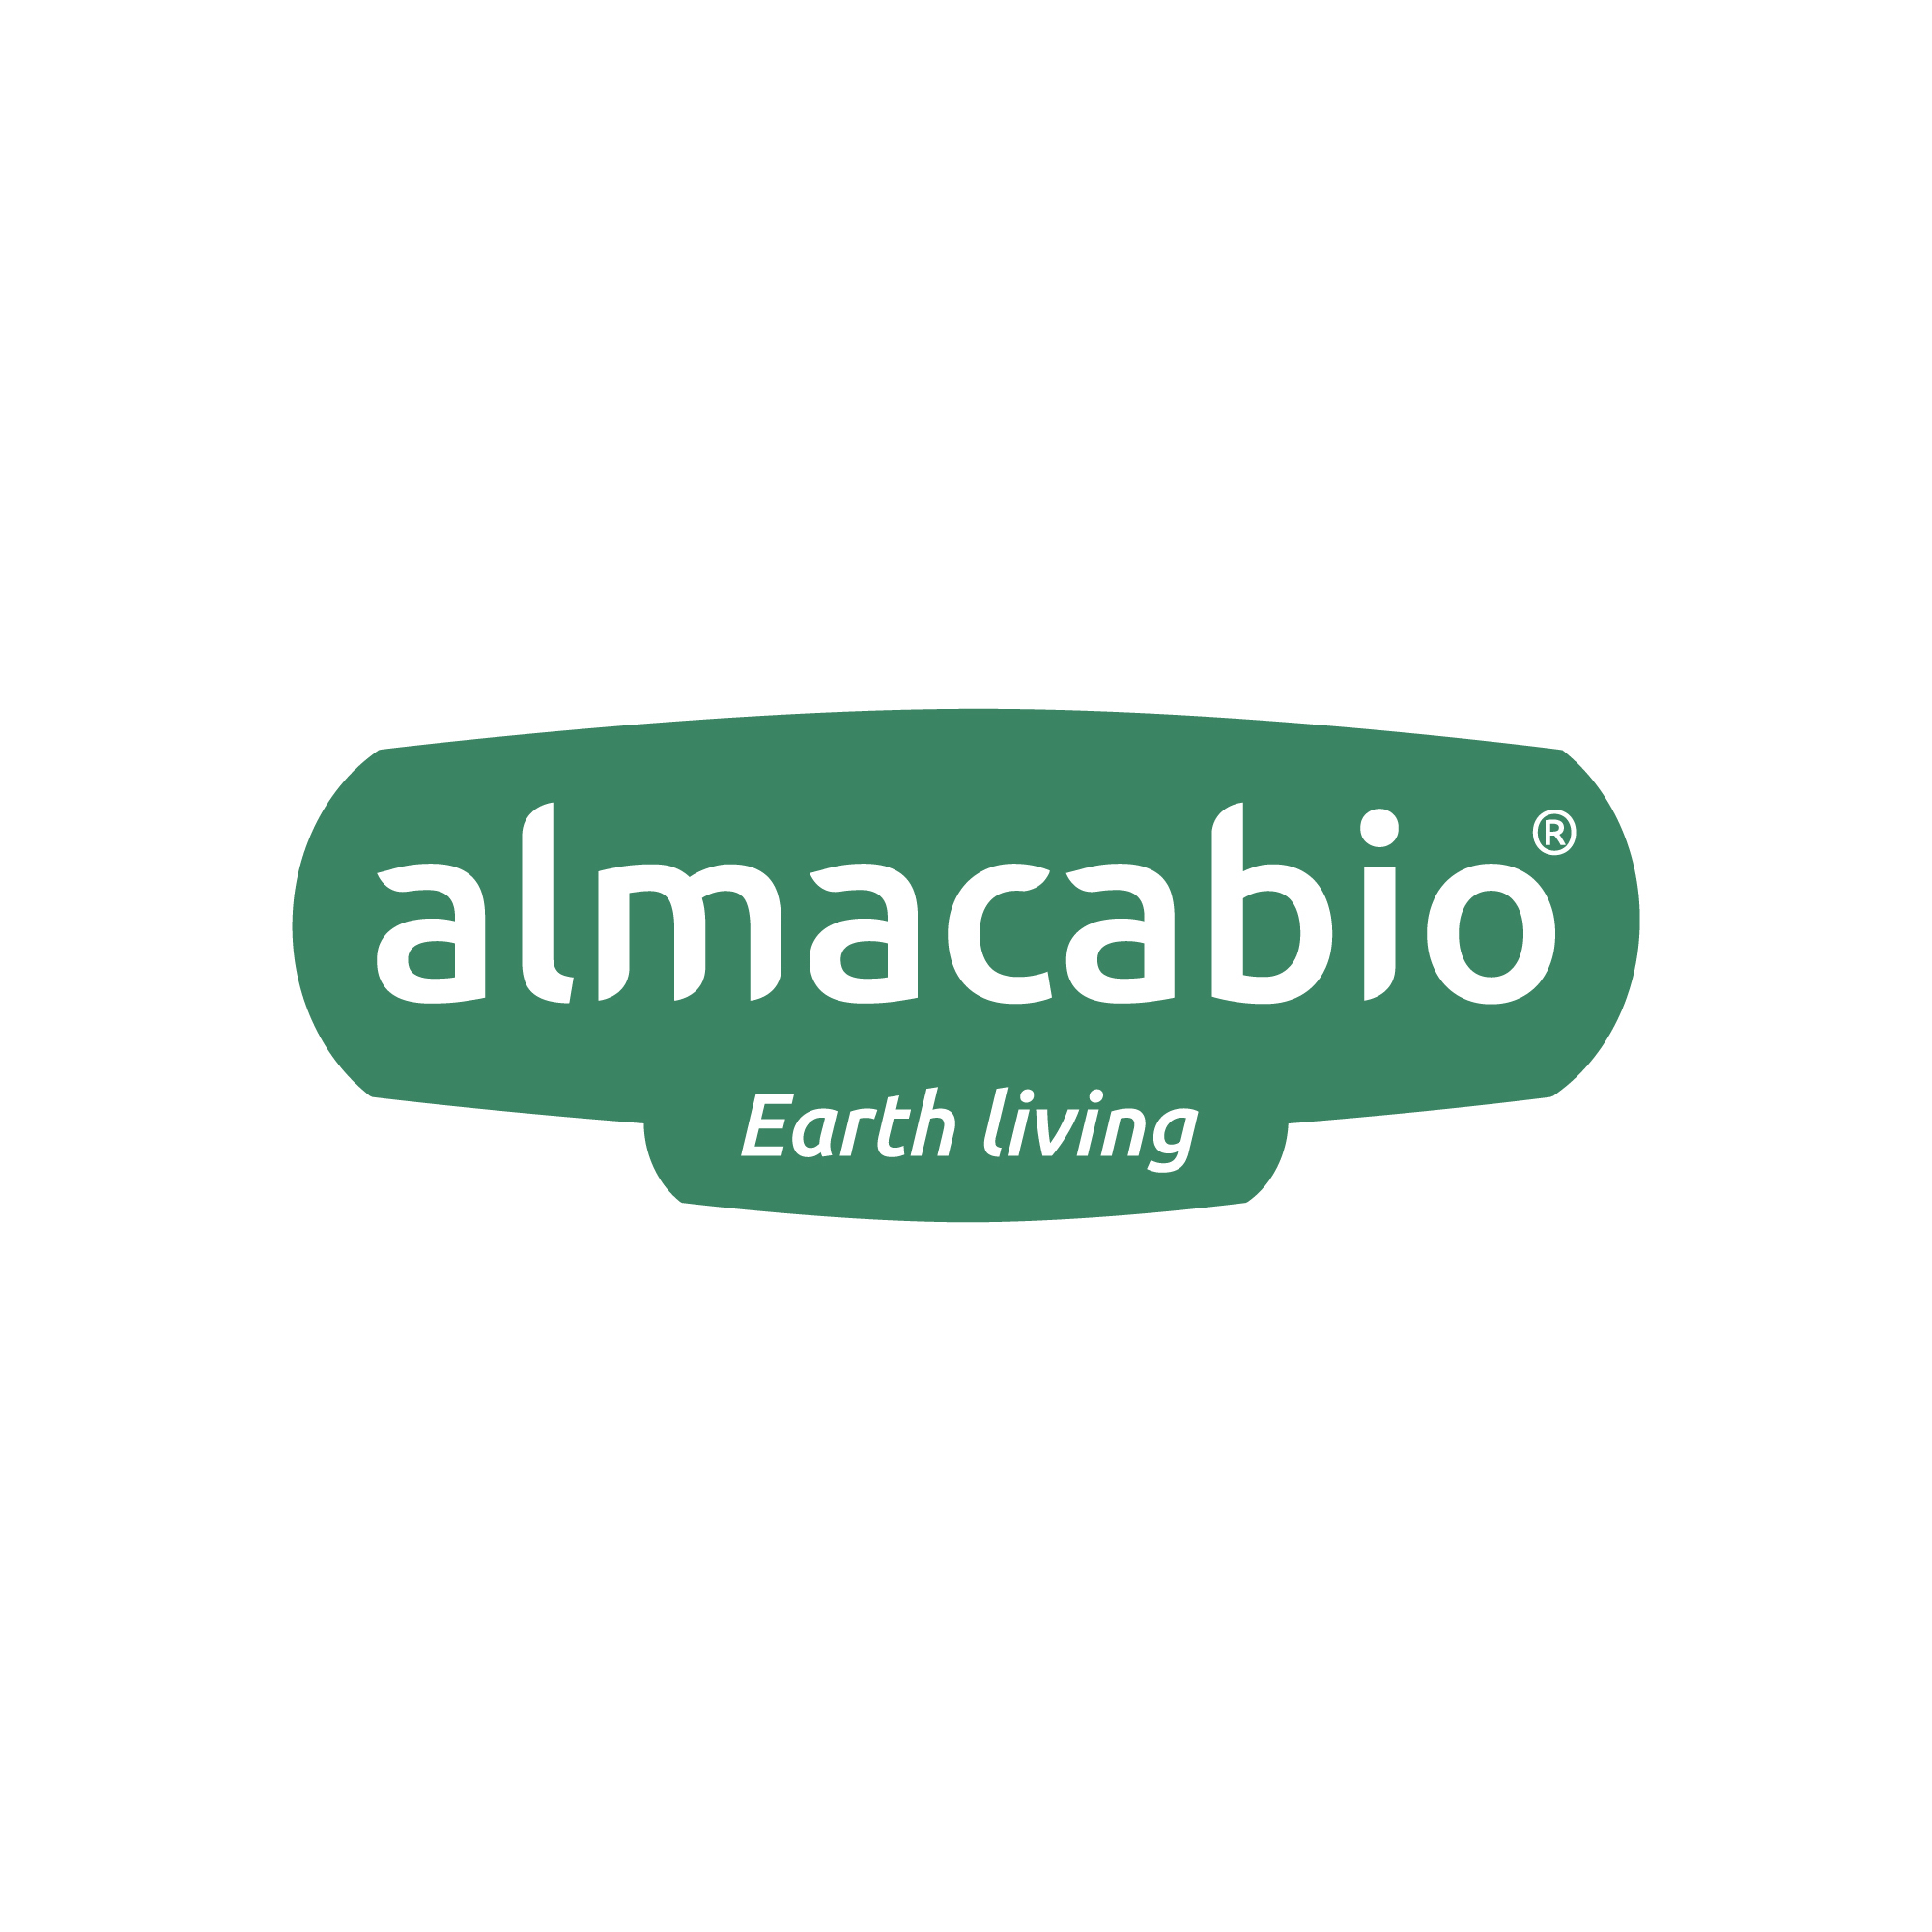 almacabio logga square.jpg